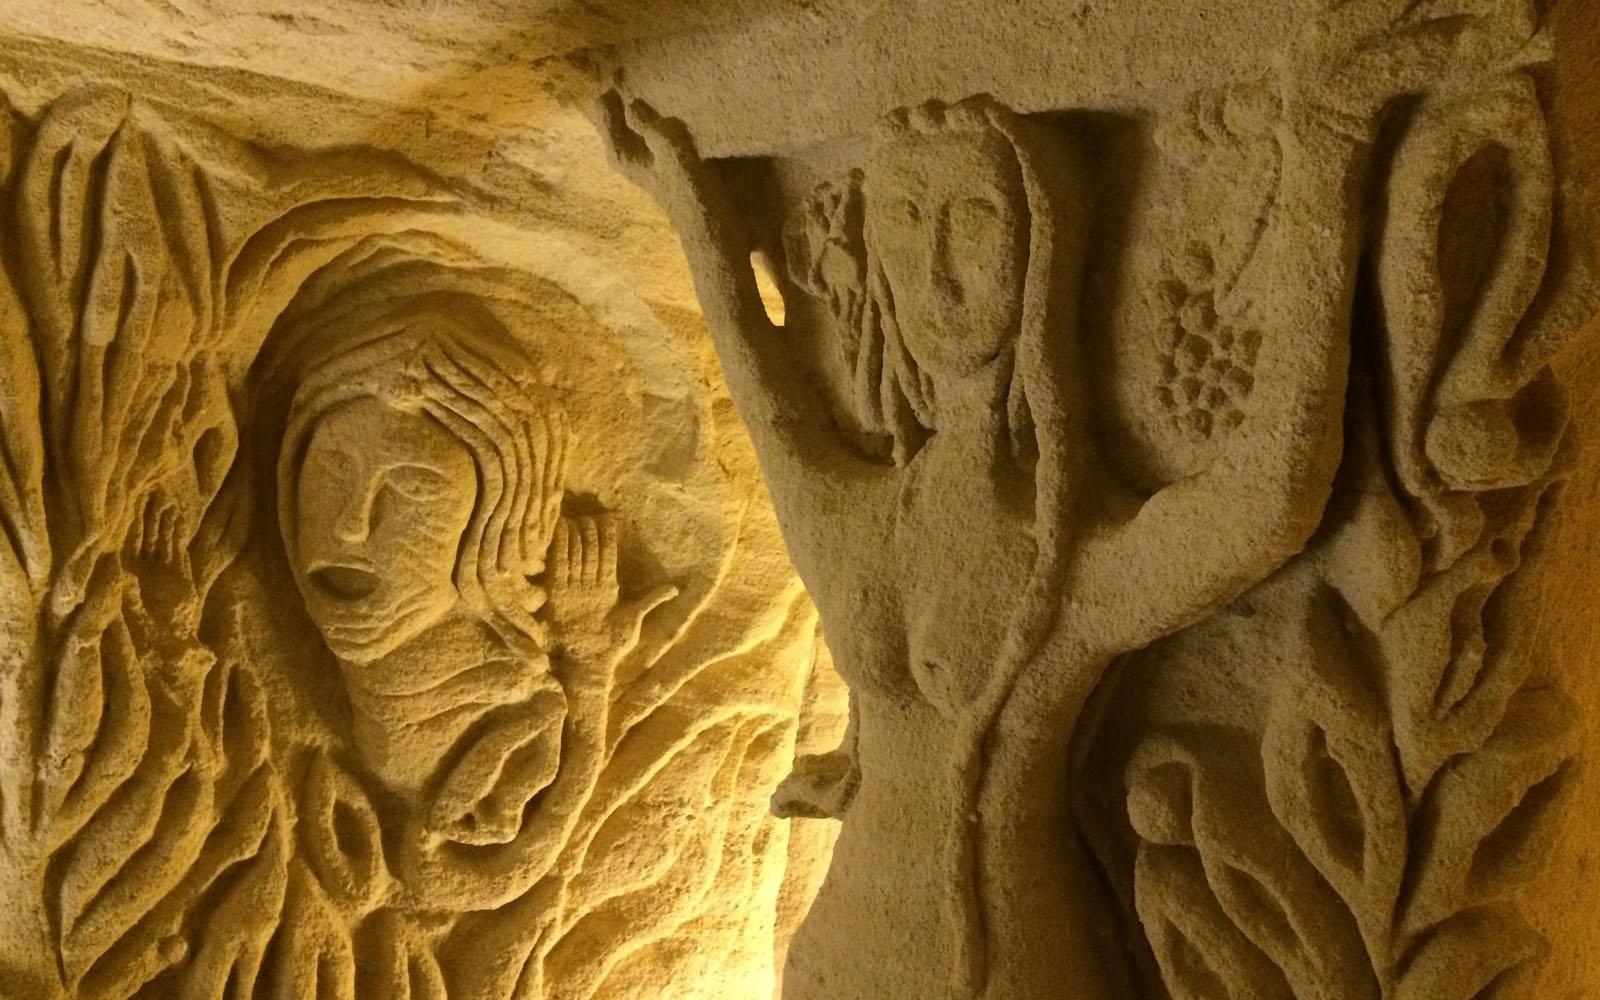 Le sculture nella grotta nei cunicoli sotterranei da Troglos de la Sablière, a Doué la Fontaine.